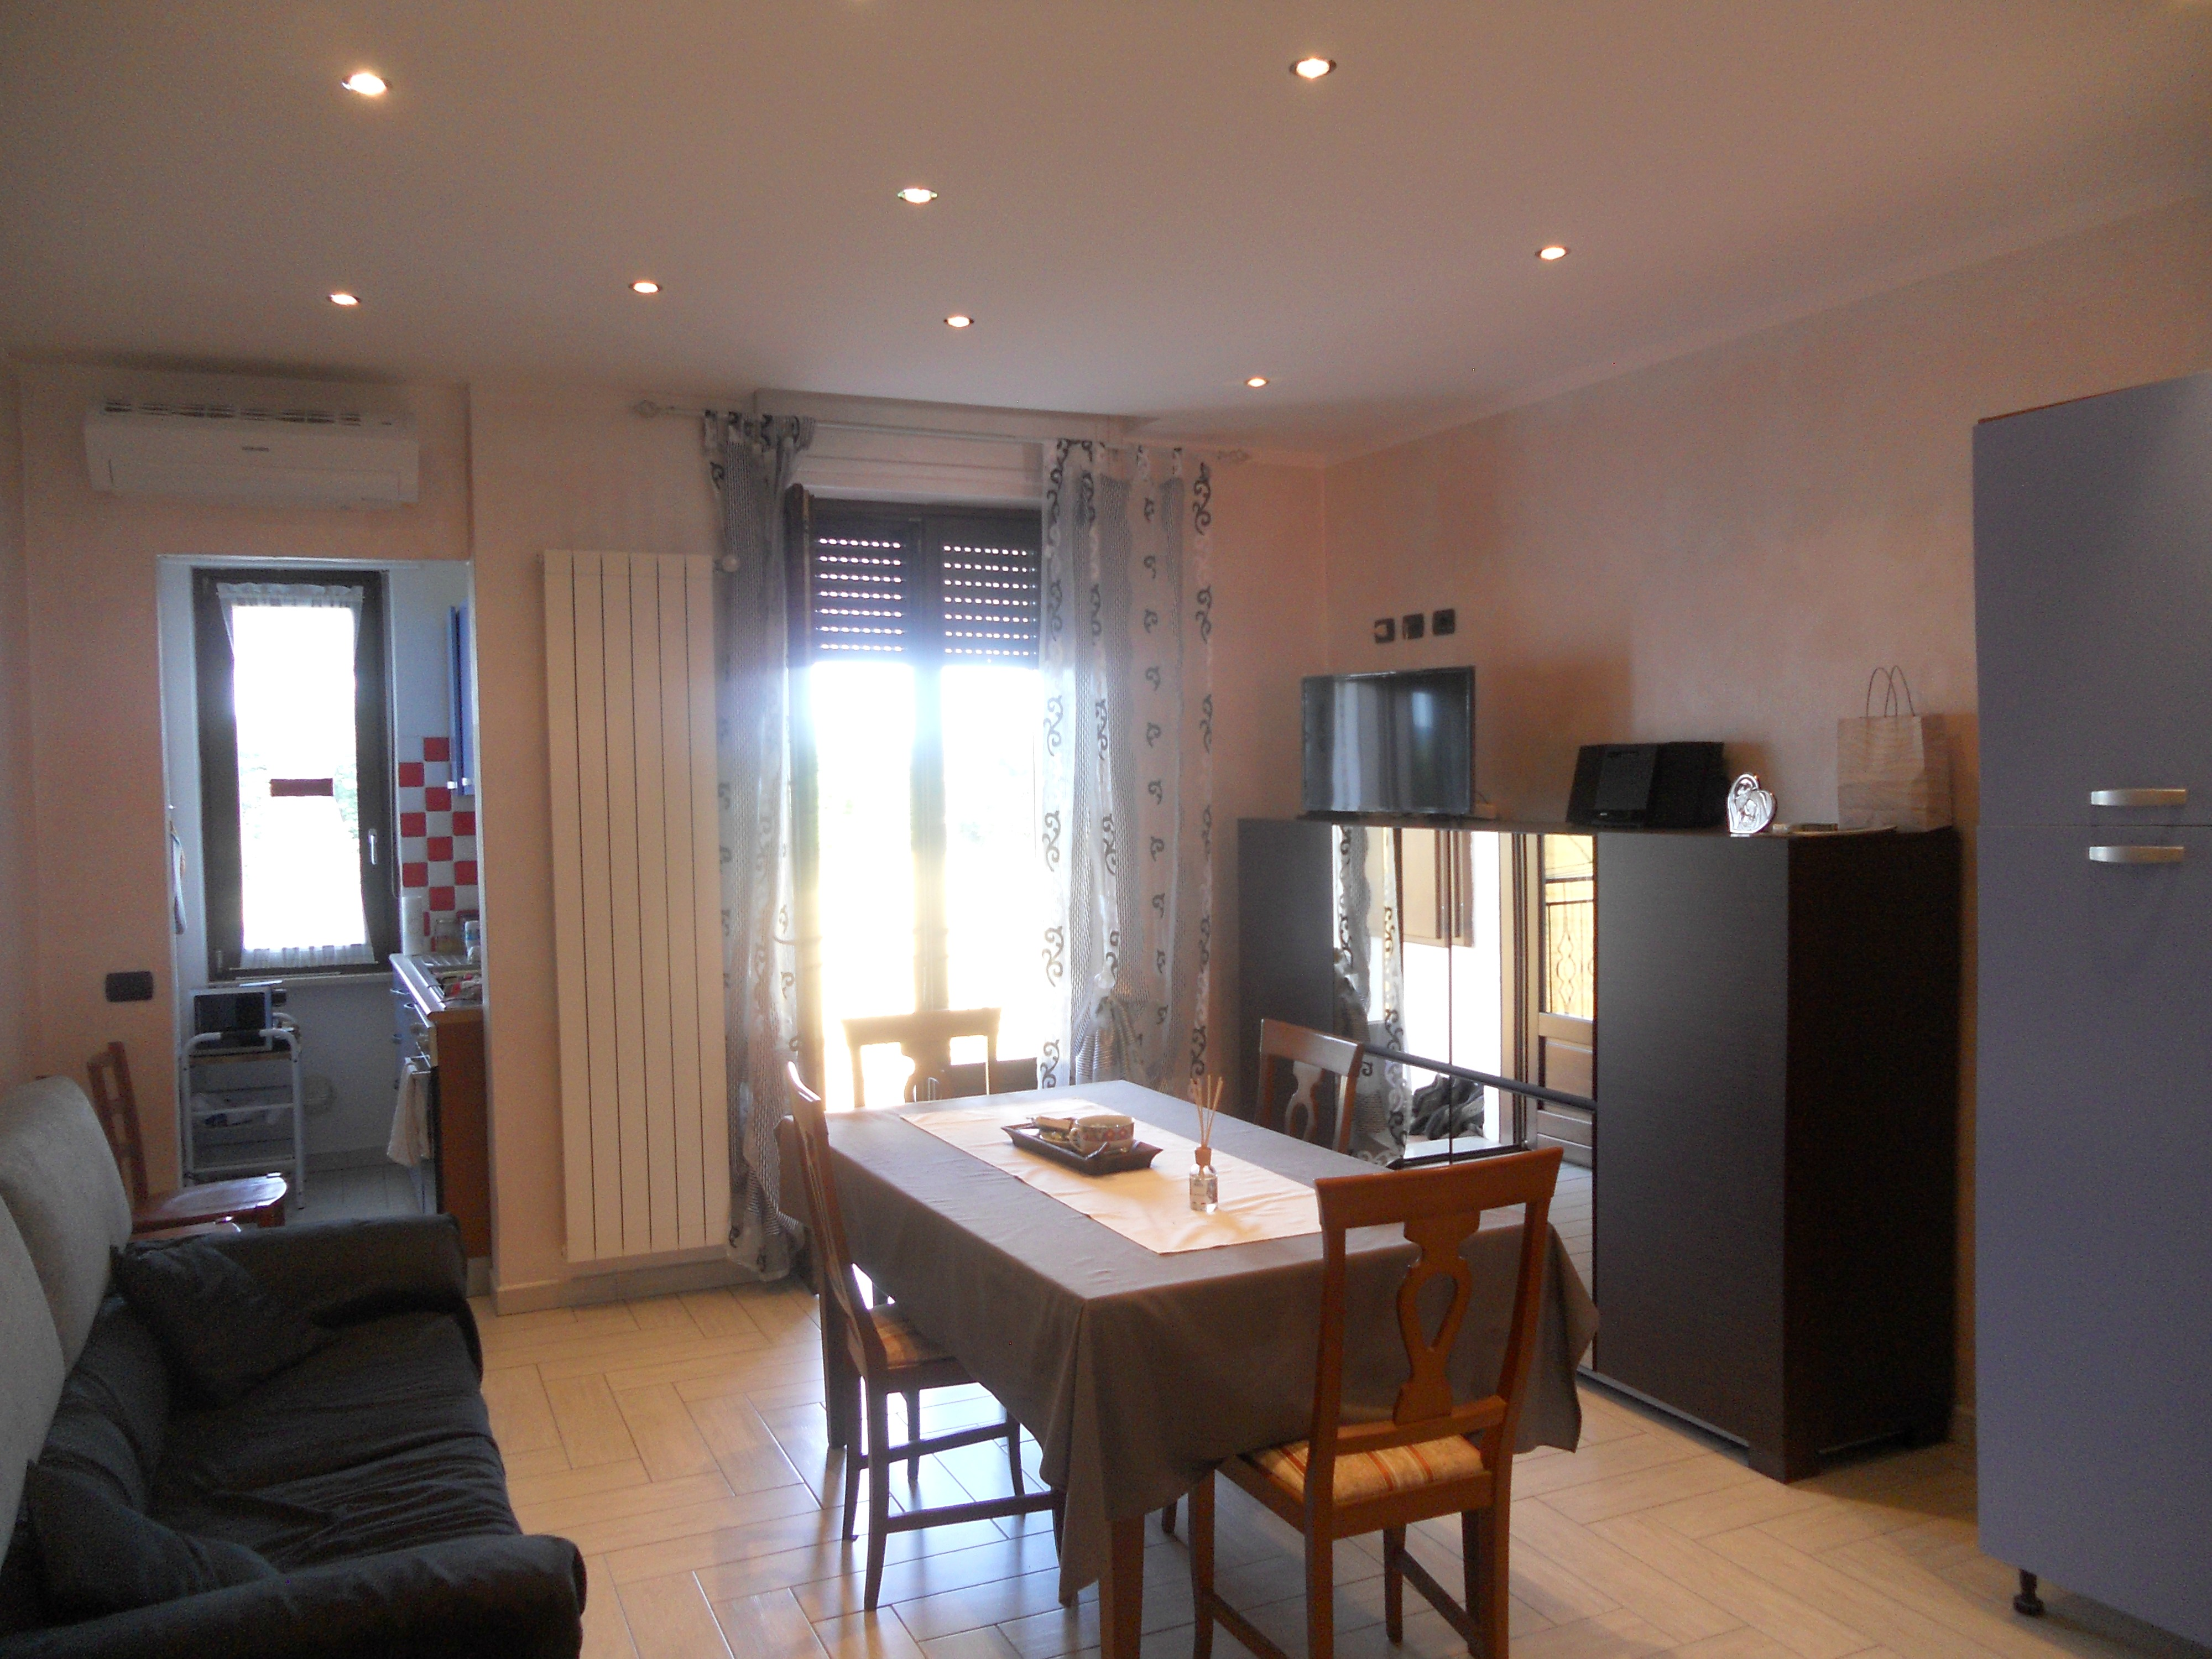 Beautiful cucine ambiente unico gallery home ideas - Idee cucina soggiorno ambiente unico ...